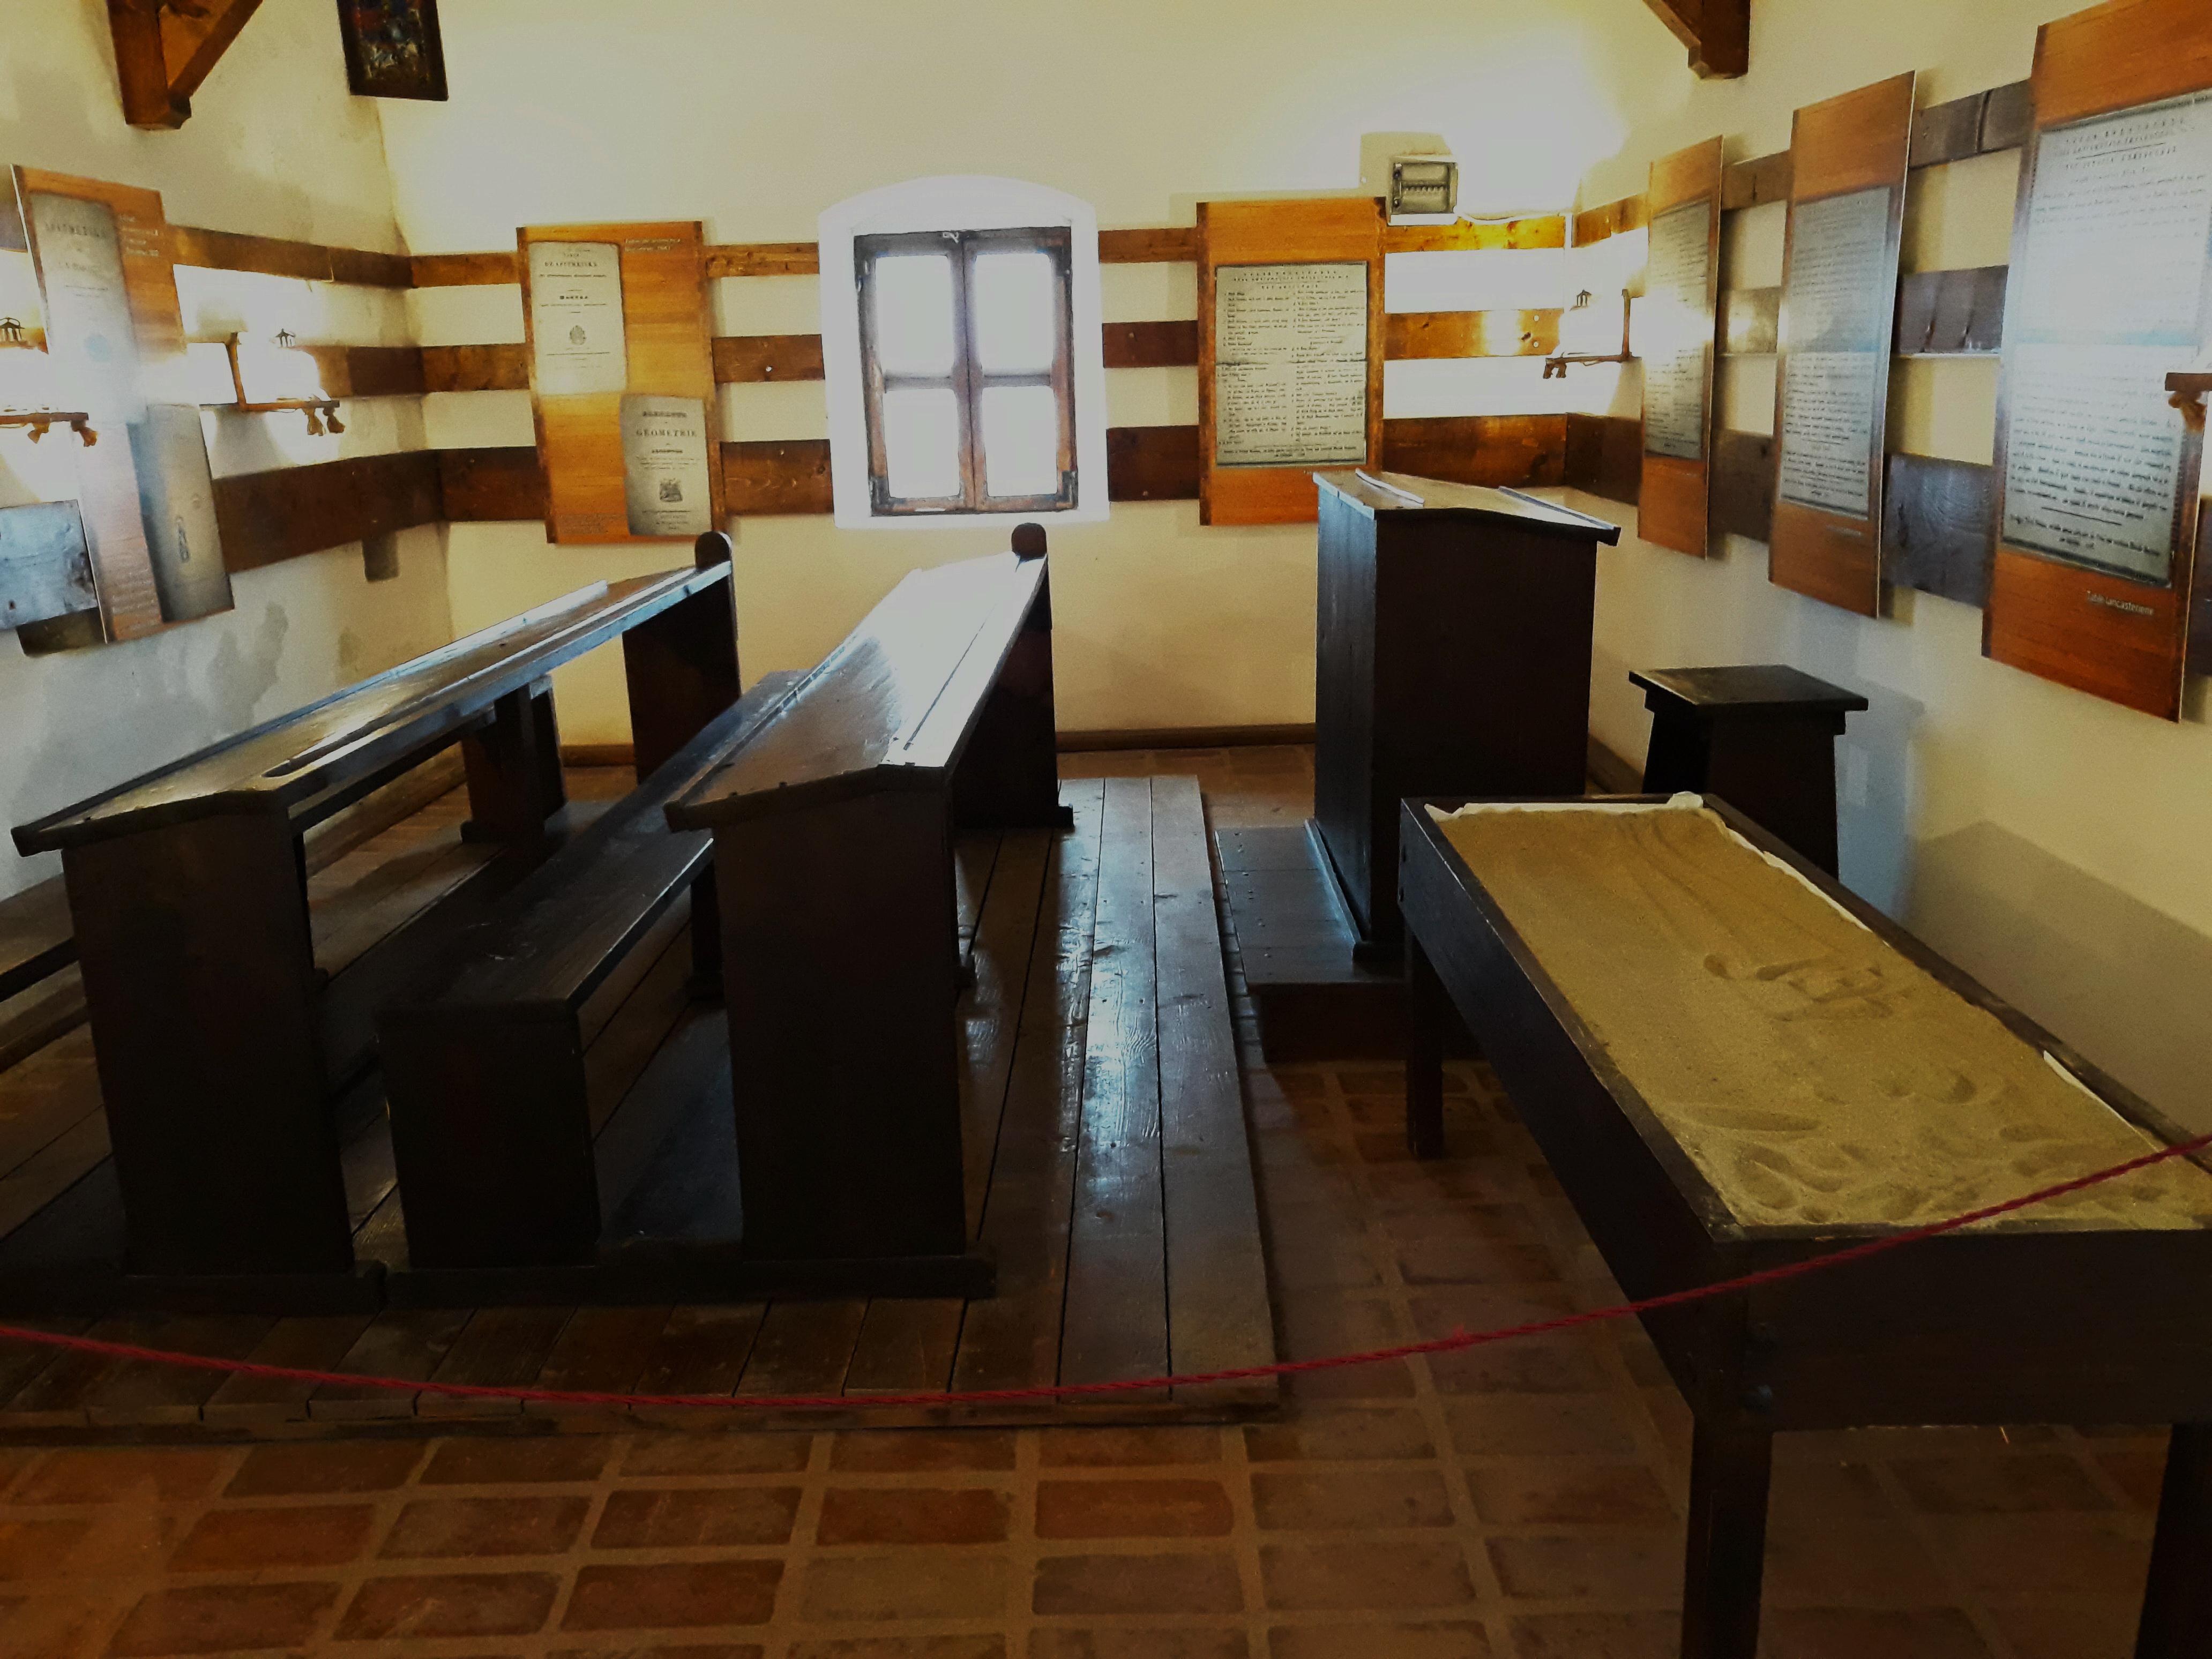 Lădița de nisip. Școala lui Dinicu Golescu. Muzeul Golești